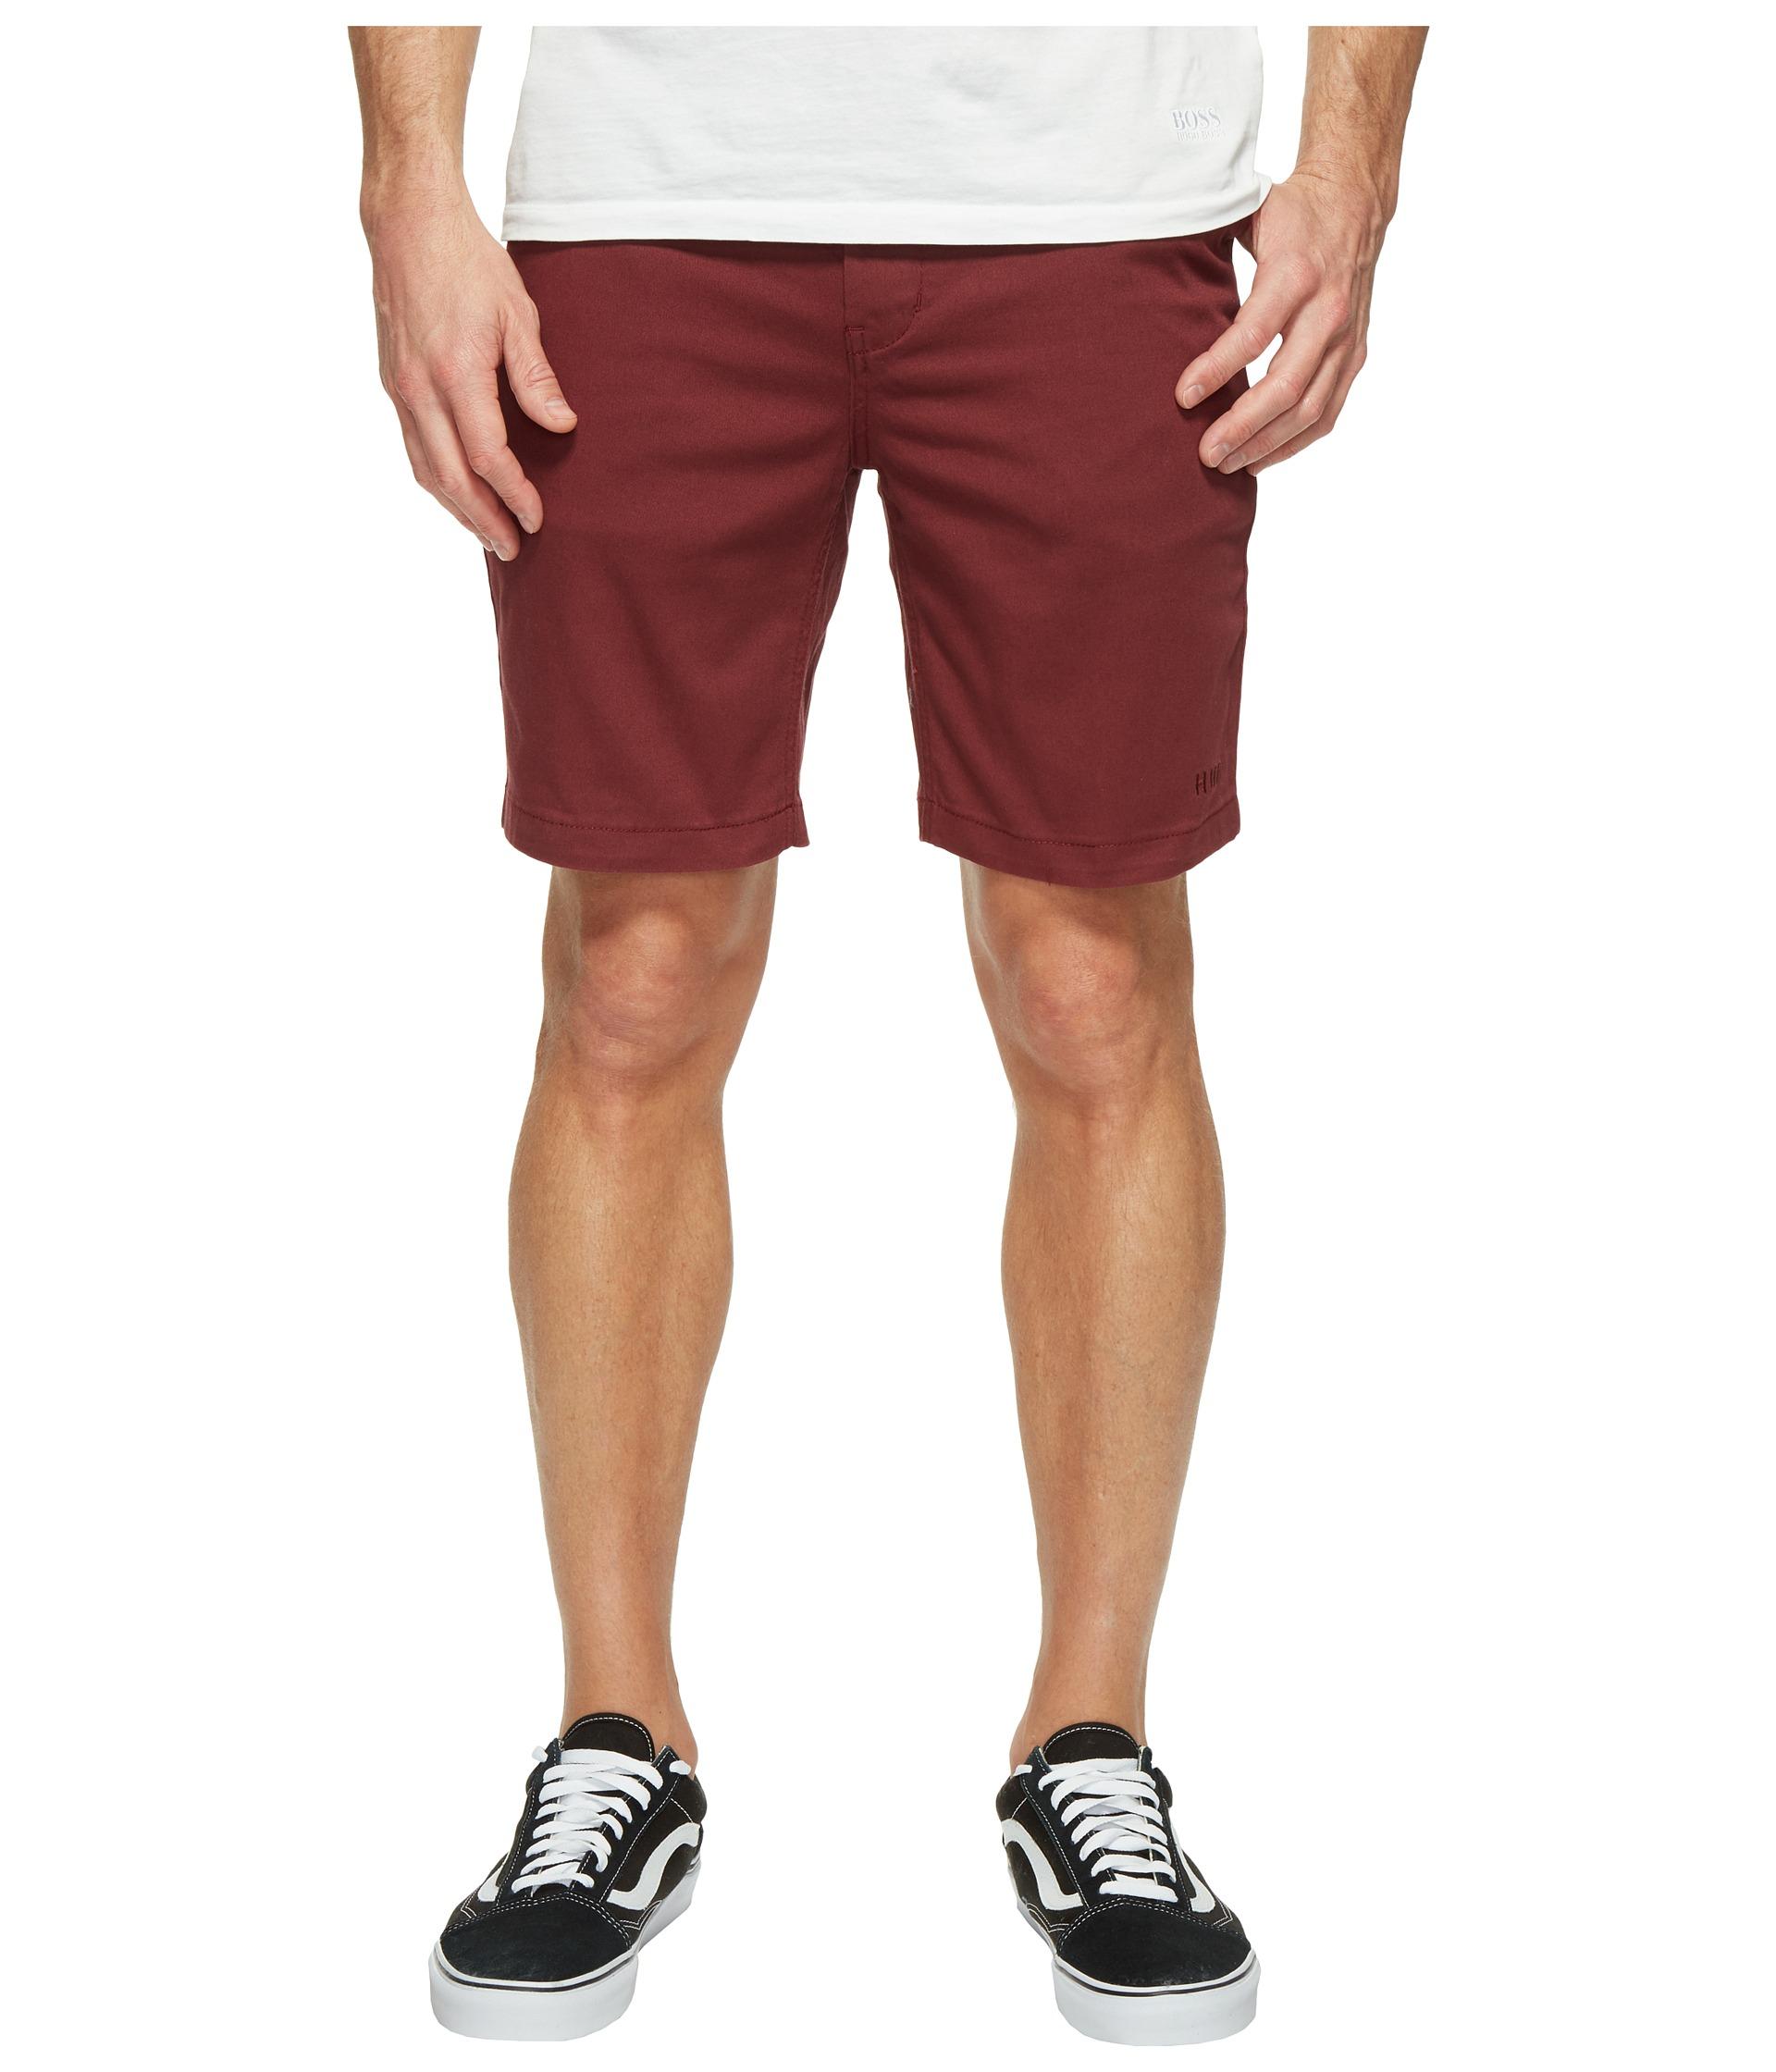 Huf, Shorts, Men | Shipped Free at Zappos